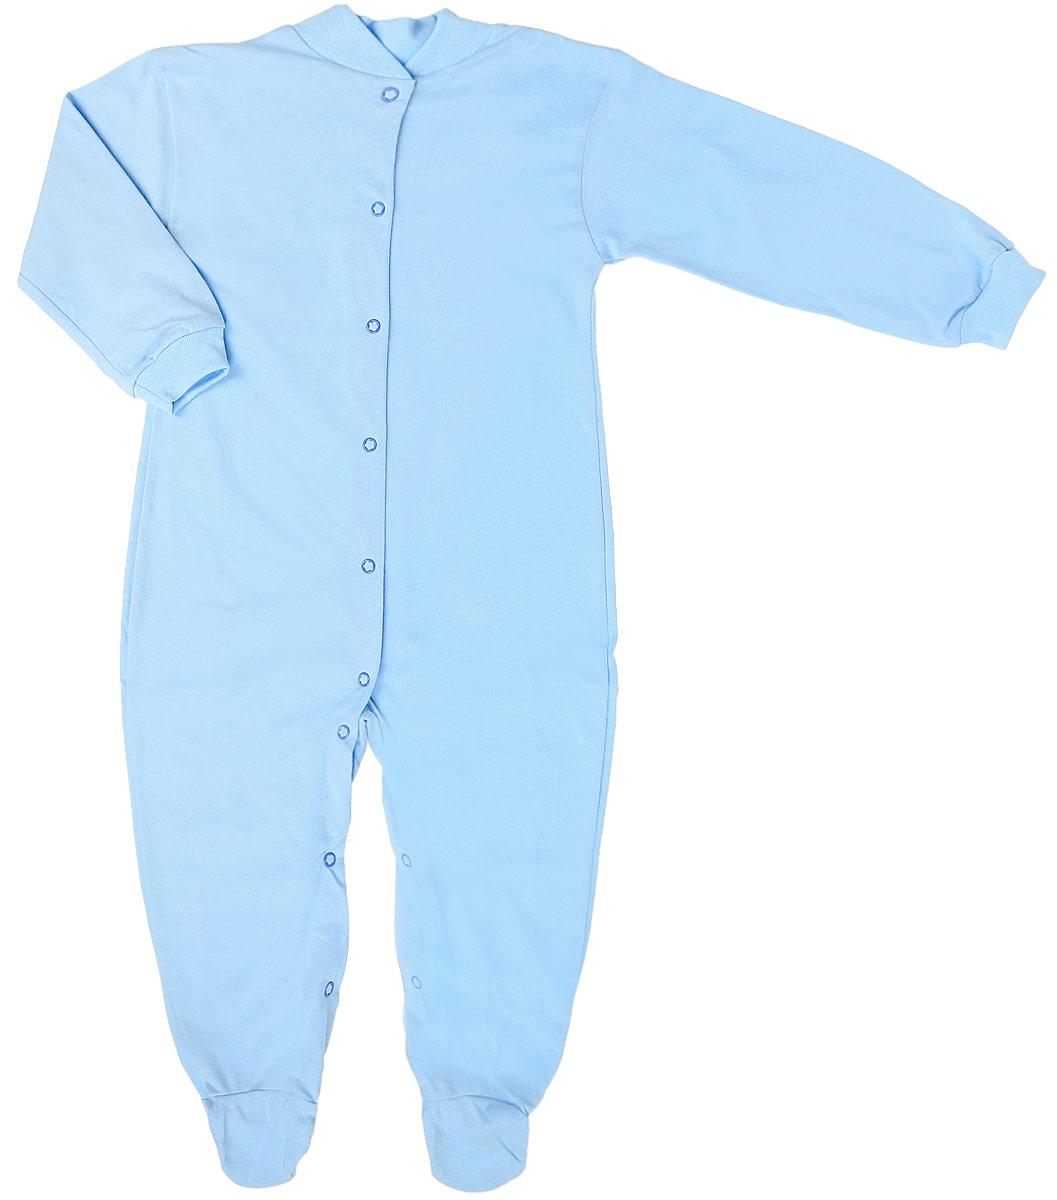 Комбинезон детский Чудесные одежки, цвет: голубой. 5801. Размер 805801Удобный детский комбинезон Чудесные одежки выполнен из натурального хлопка.Комбинезон с небольшим воротничком-стойкой, длинными рукавами и закрытыми ножками имеет застежки-кнопки спереди и на ластовице, которые помогают легко переодеть младенца или сменить подгузник. Воротничок и манжеты на рукавах выполнены из трикотажной эластичной резинки. Изделие оформлено в лаконичном дизайне.